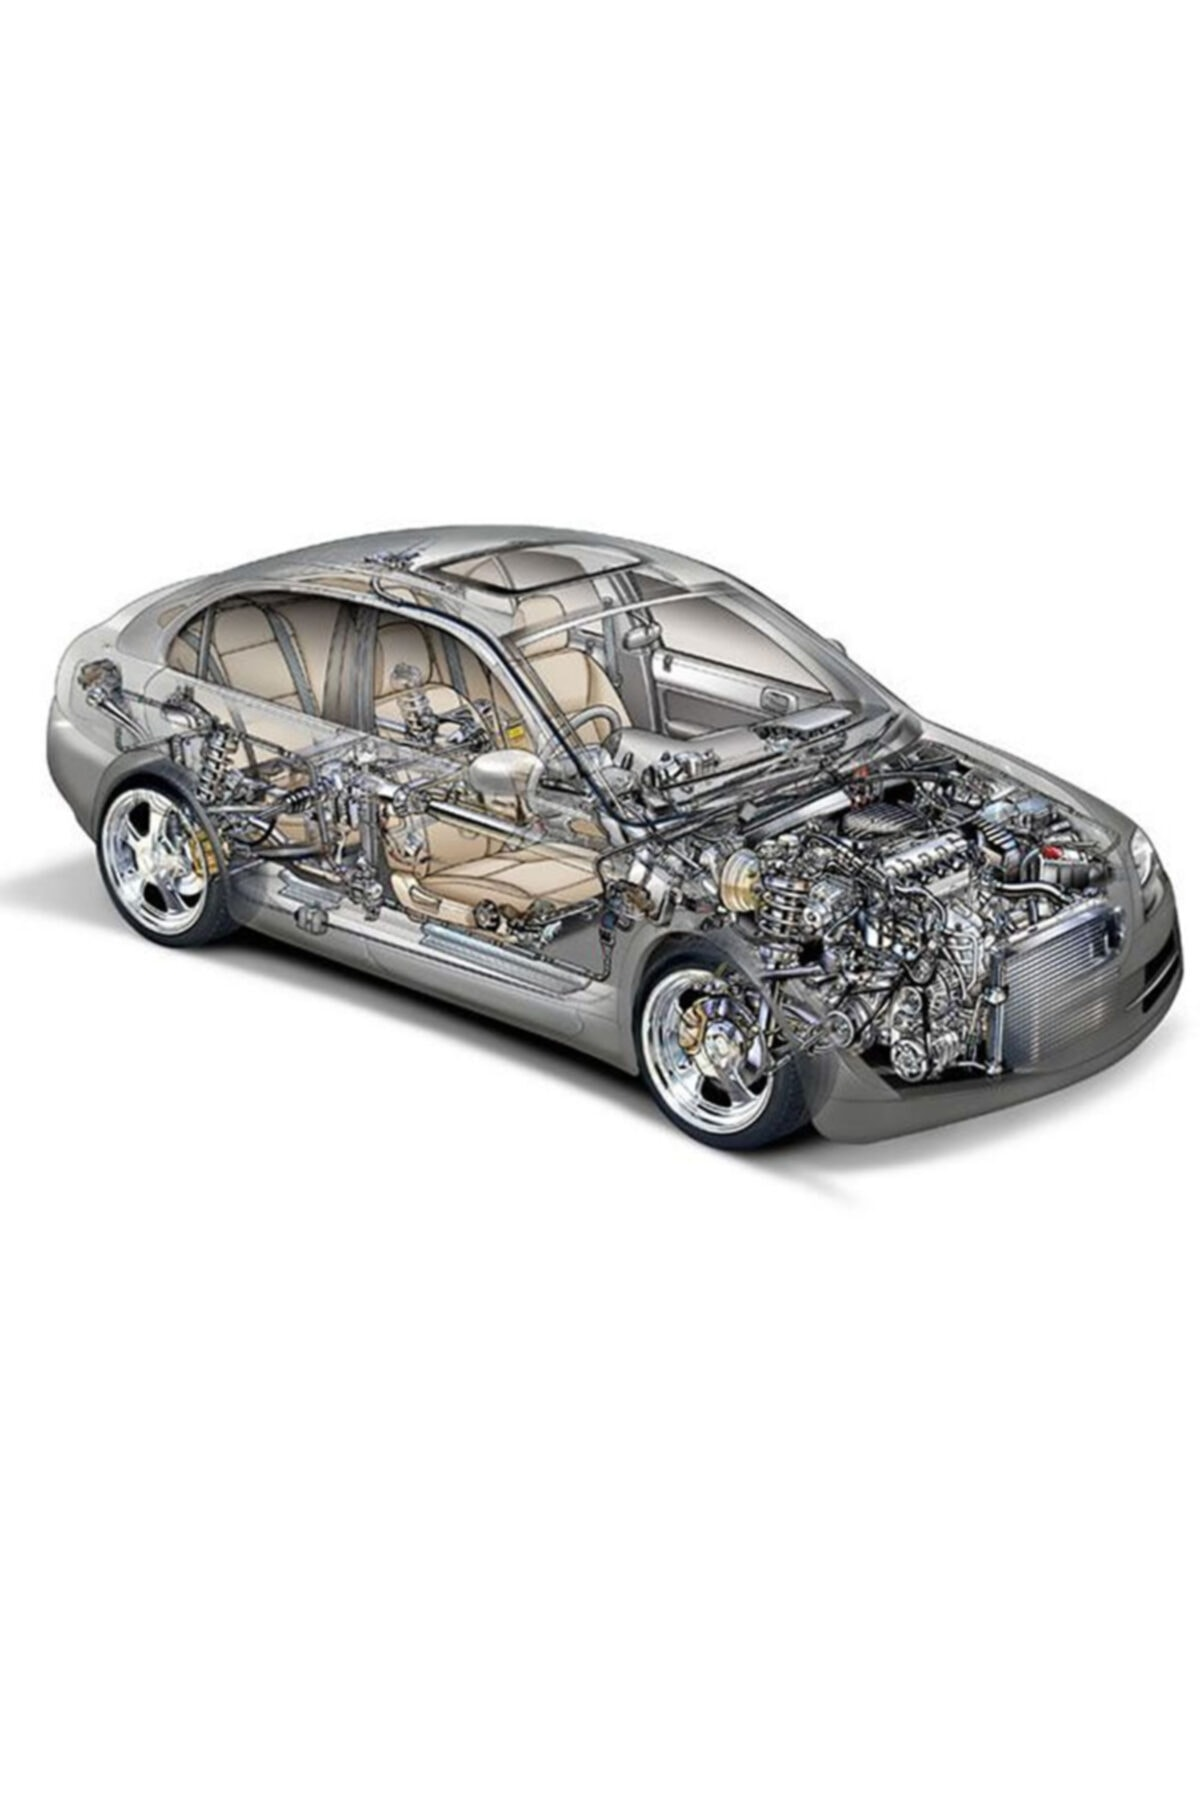 GOETZE Motor Piston+Segmani R12 1,3 (Std)- 1